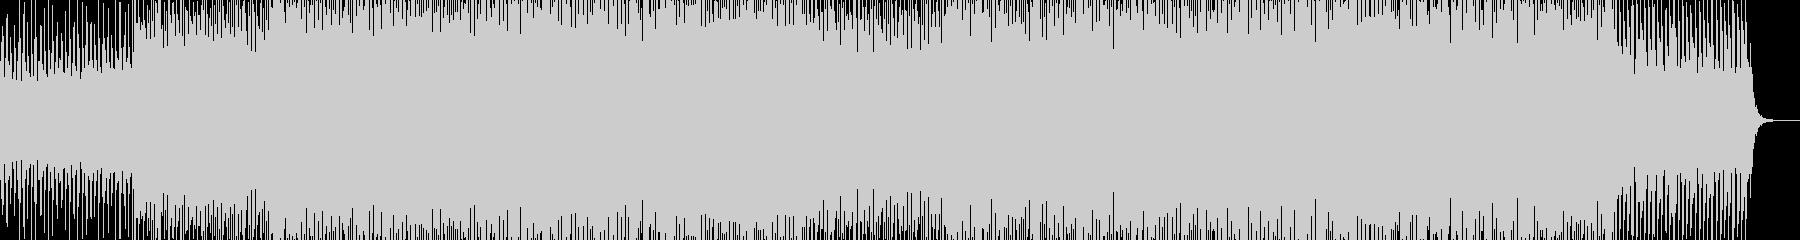 EDMクラブ系ダンスミュージック-52の未再生の波形